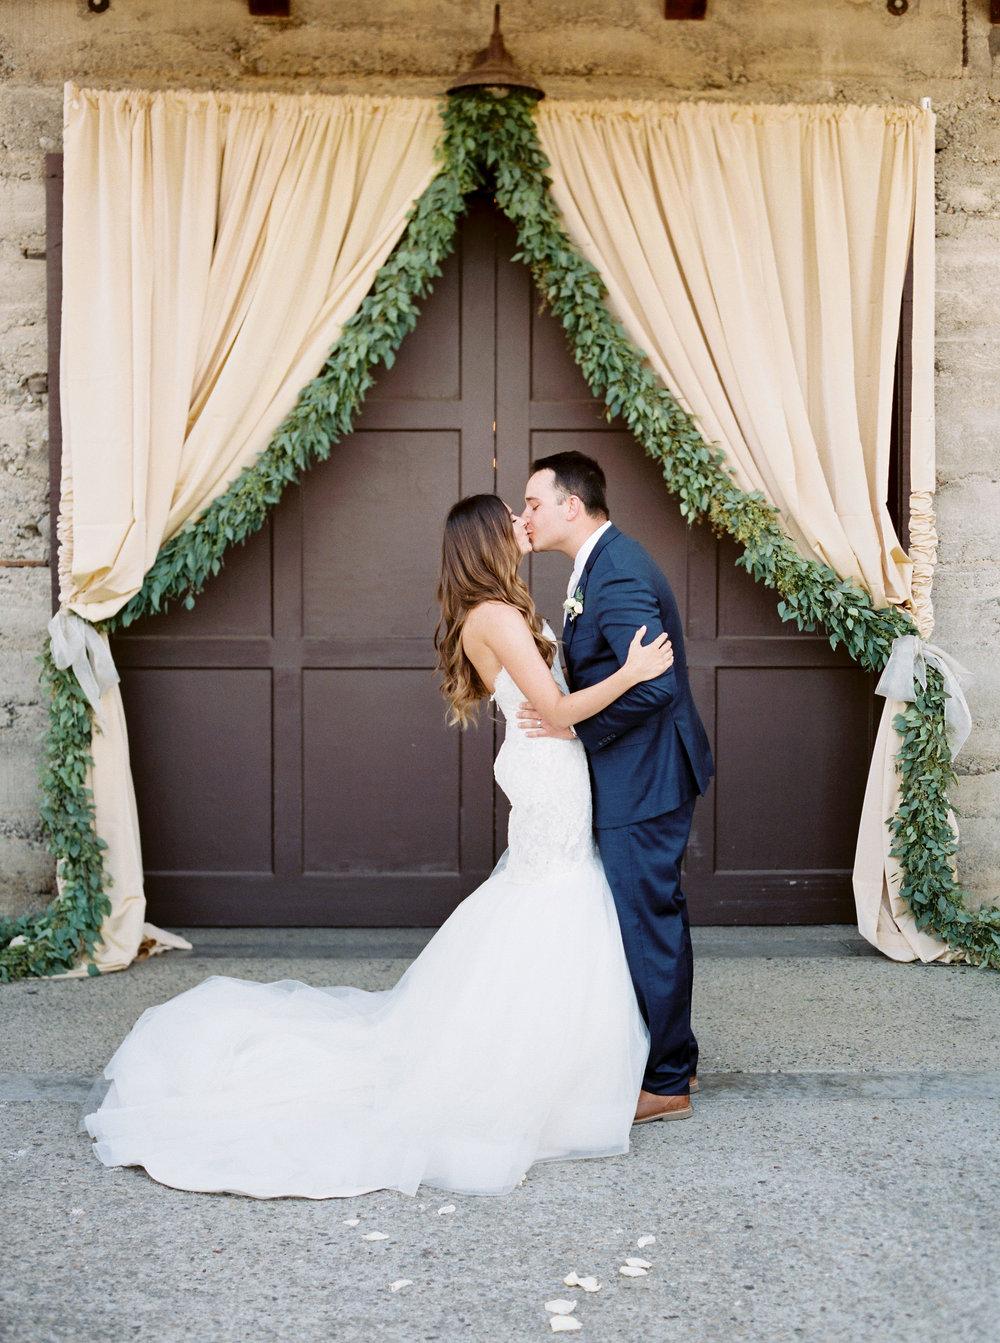 muriettas-well-wedding-in-livermore-california-88.jpg